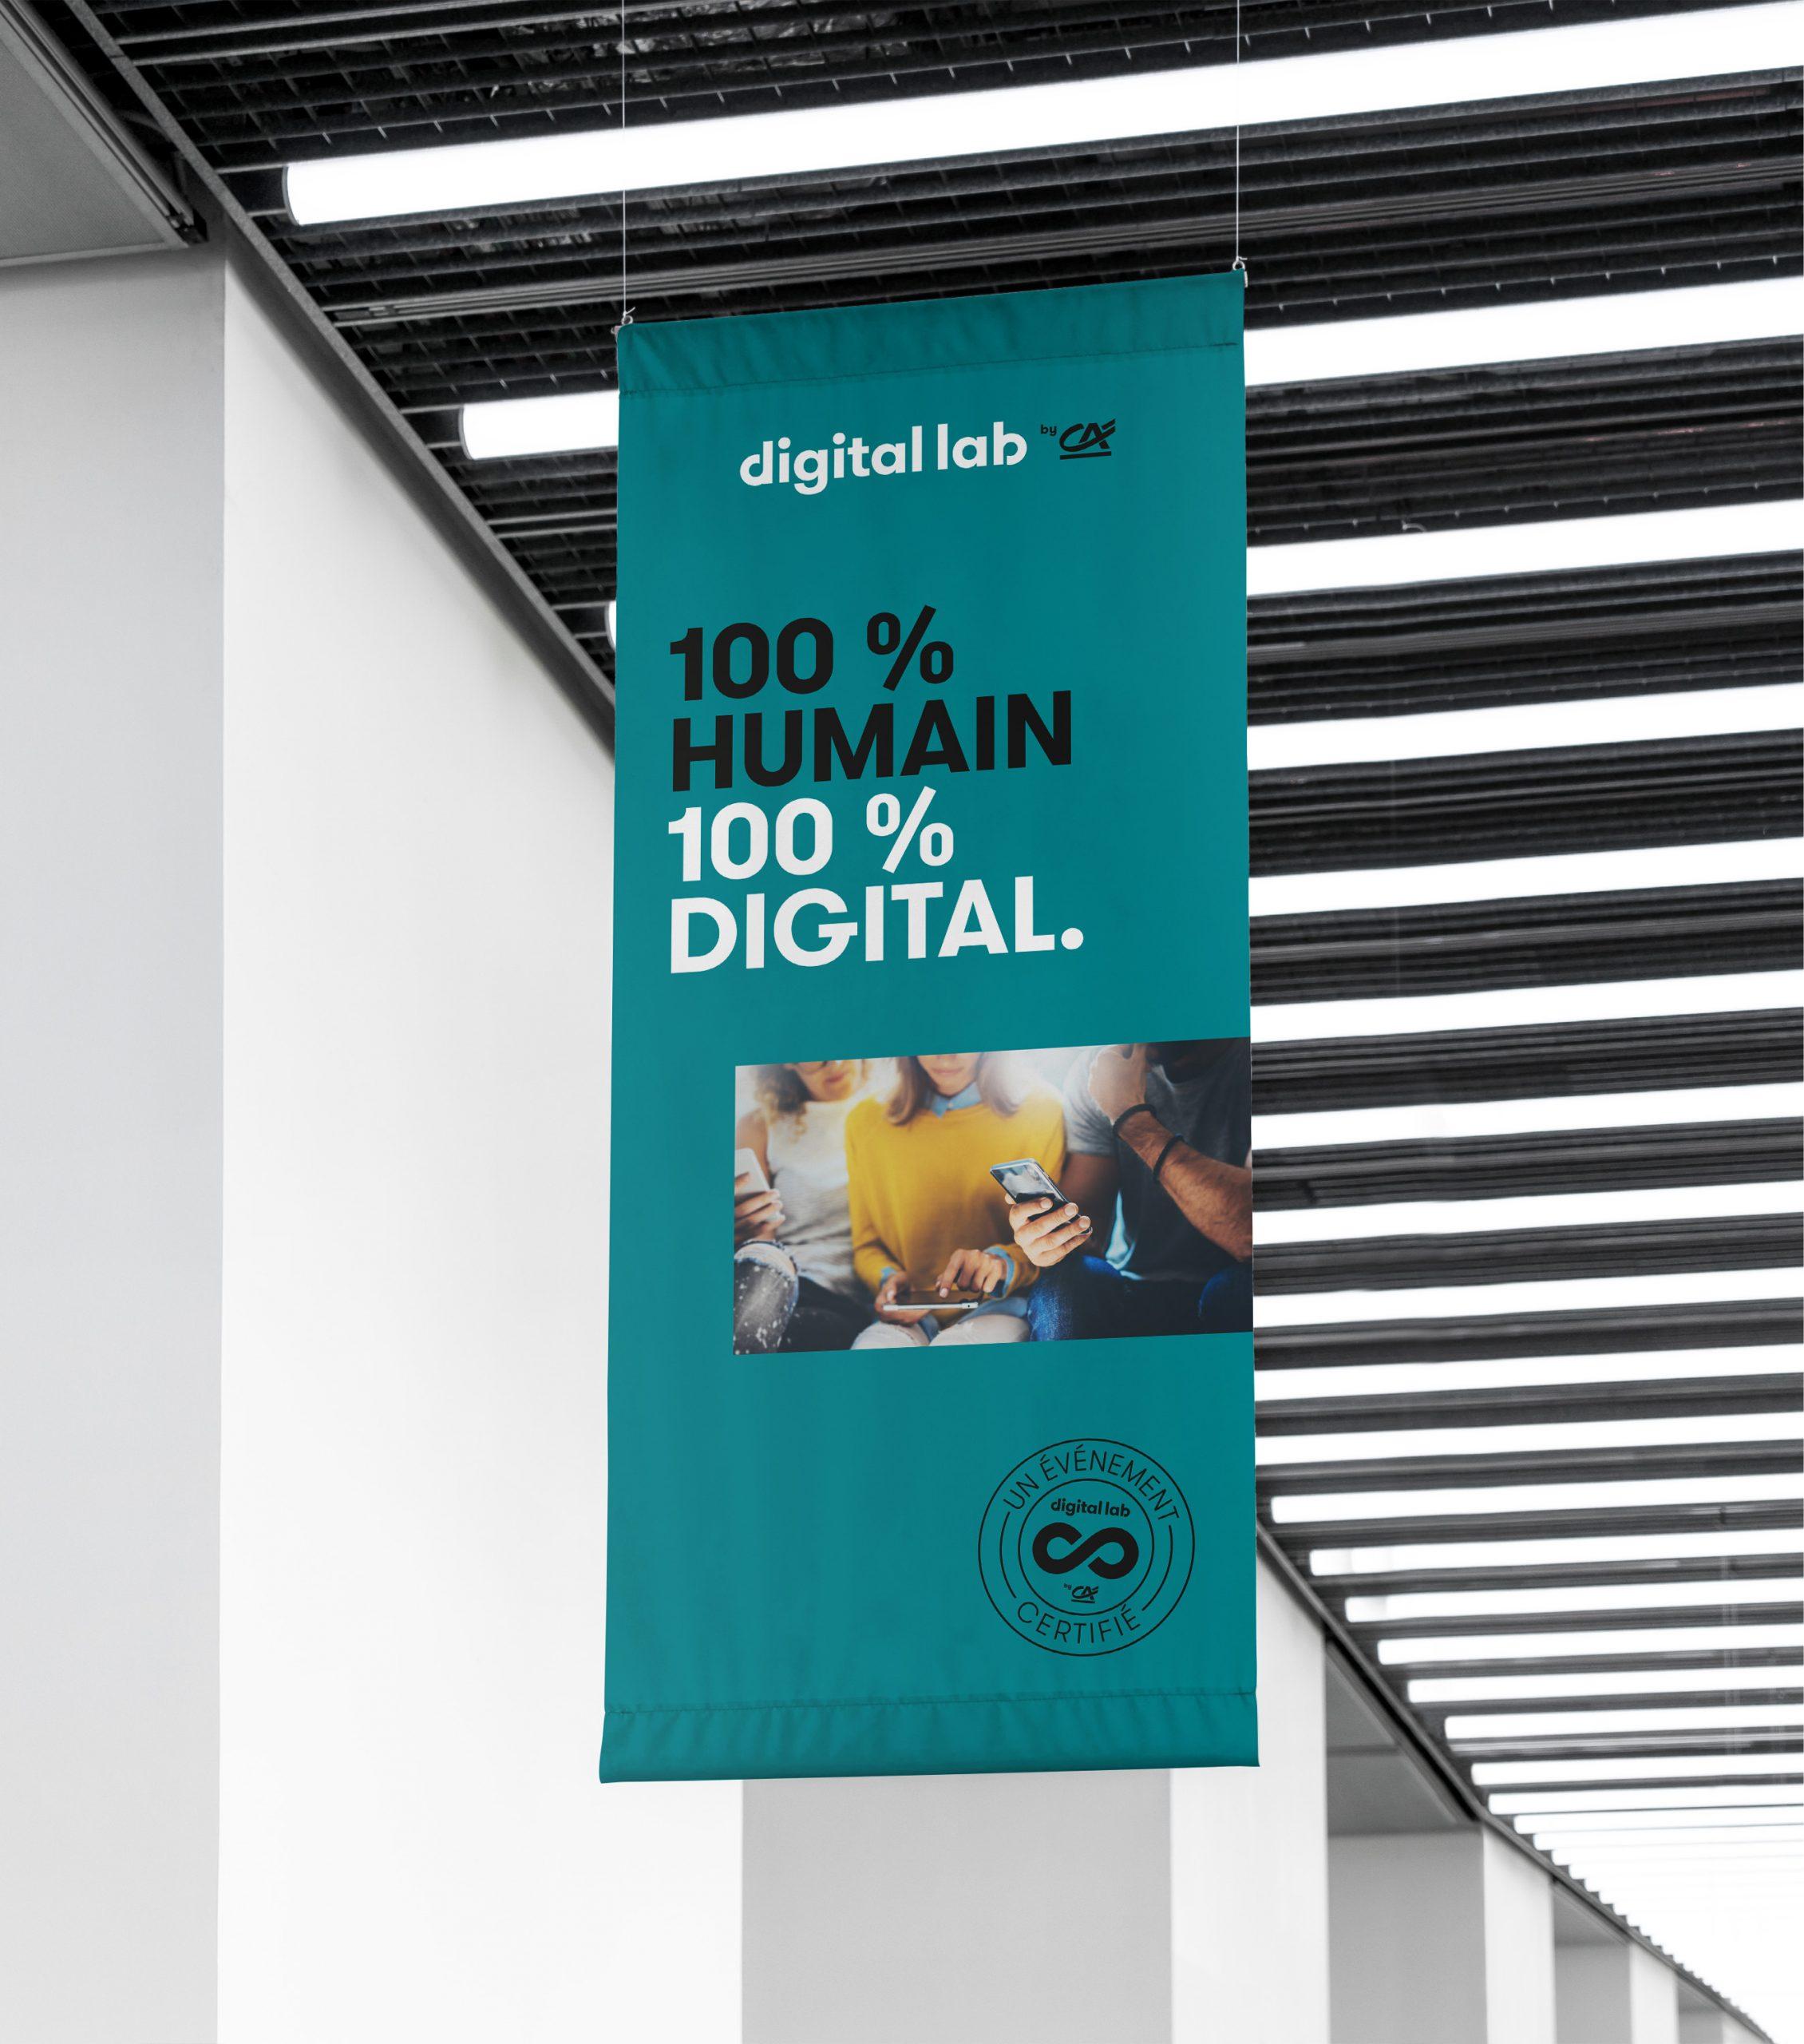 Affiche Digital Lab by Crédit Agricole